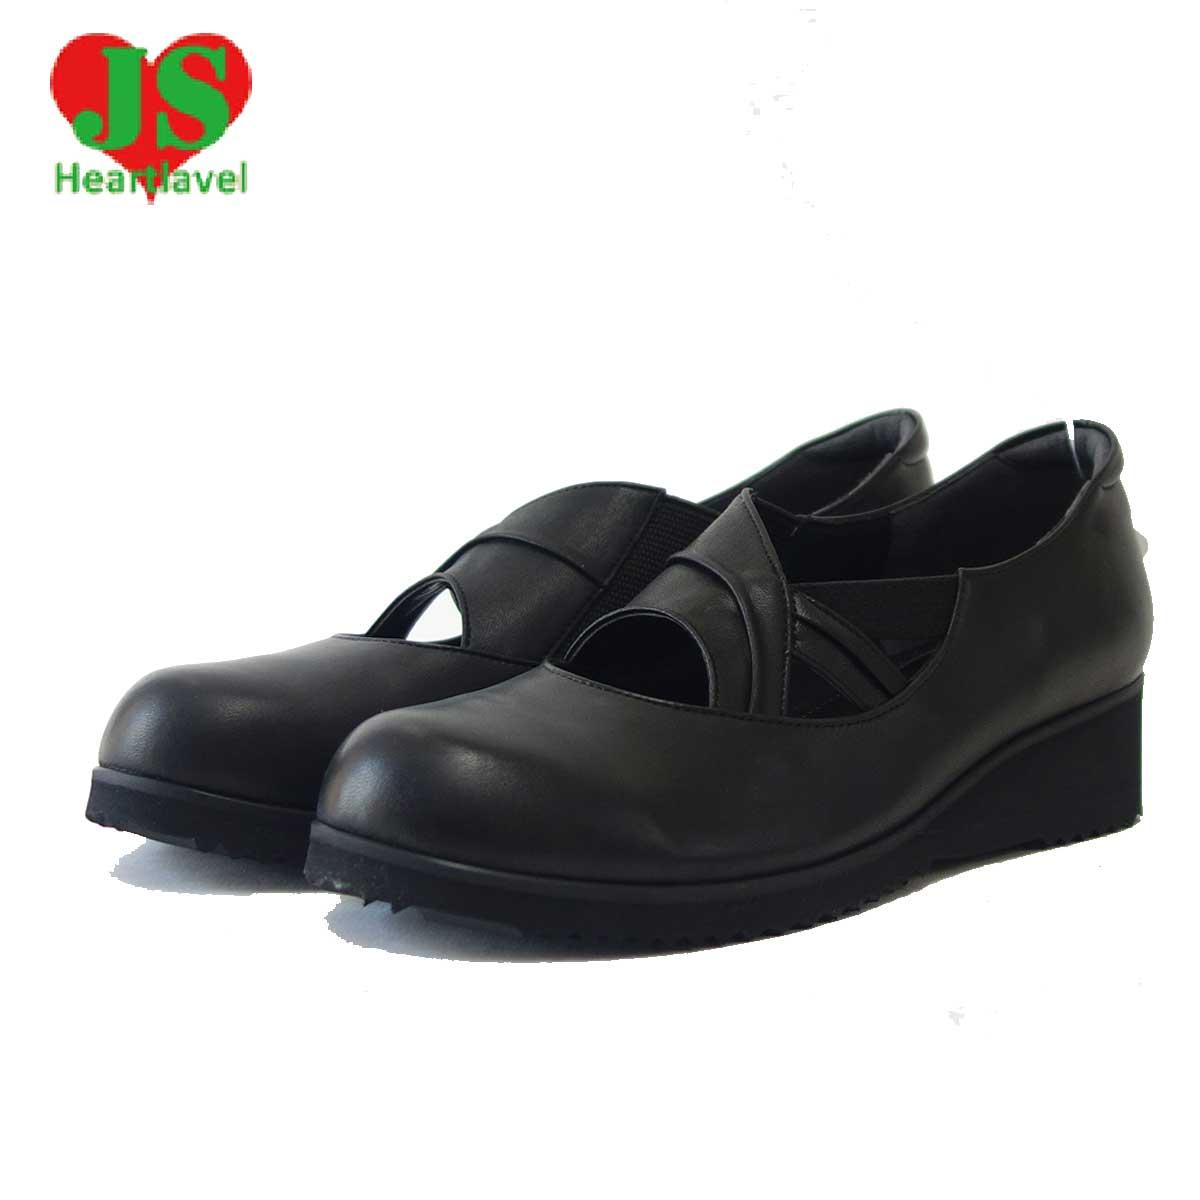 ジェイエス ハートラベル JS Heartlavel 3036 ブラック(レディース)日本製 ゆったりEEEEの楽ちんシューズ「靴」